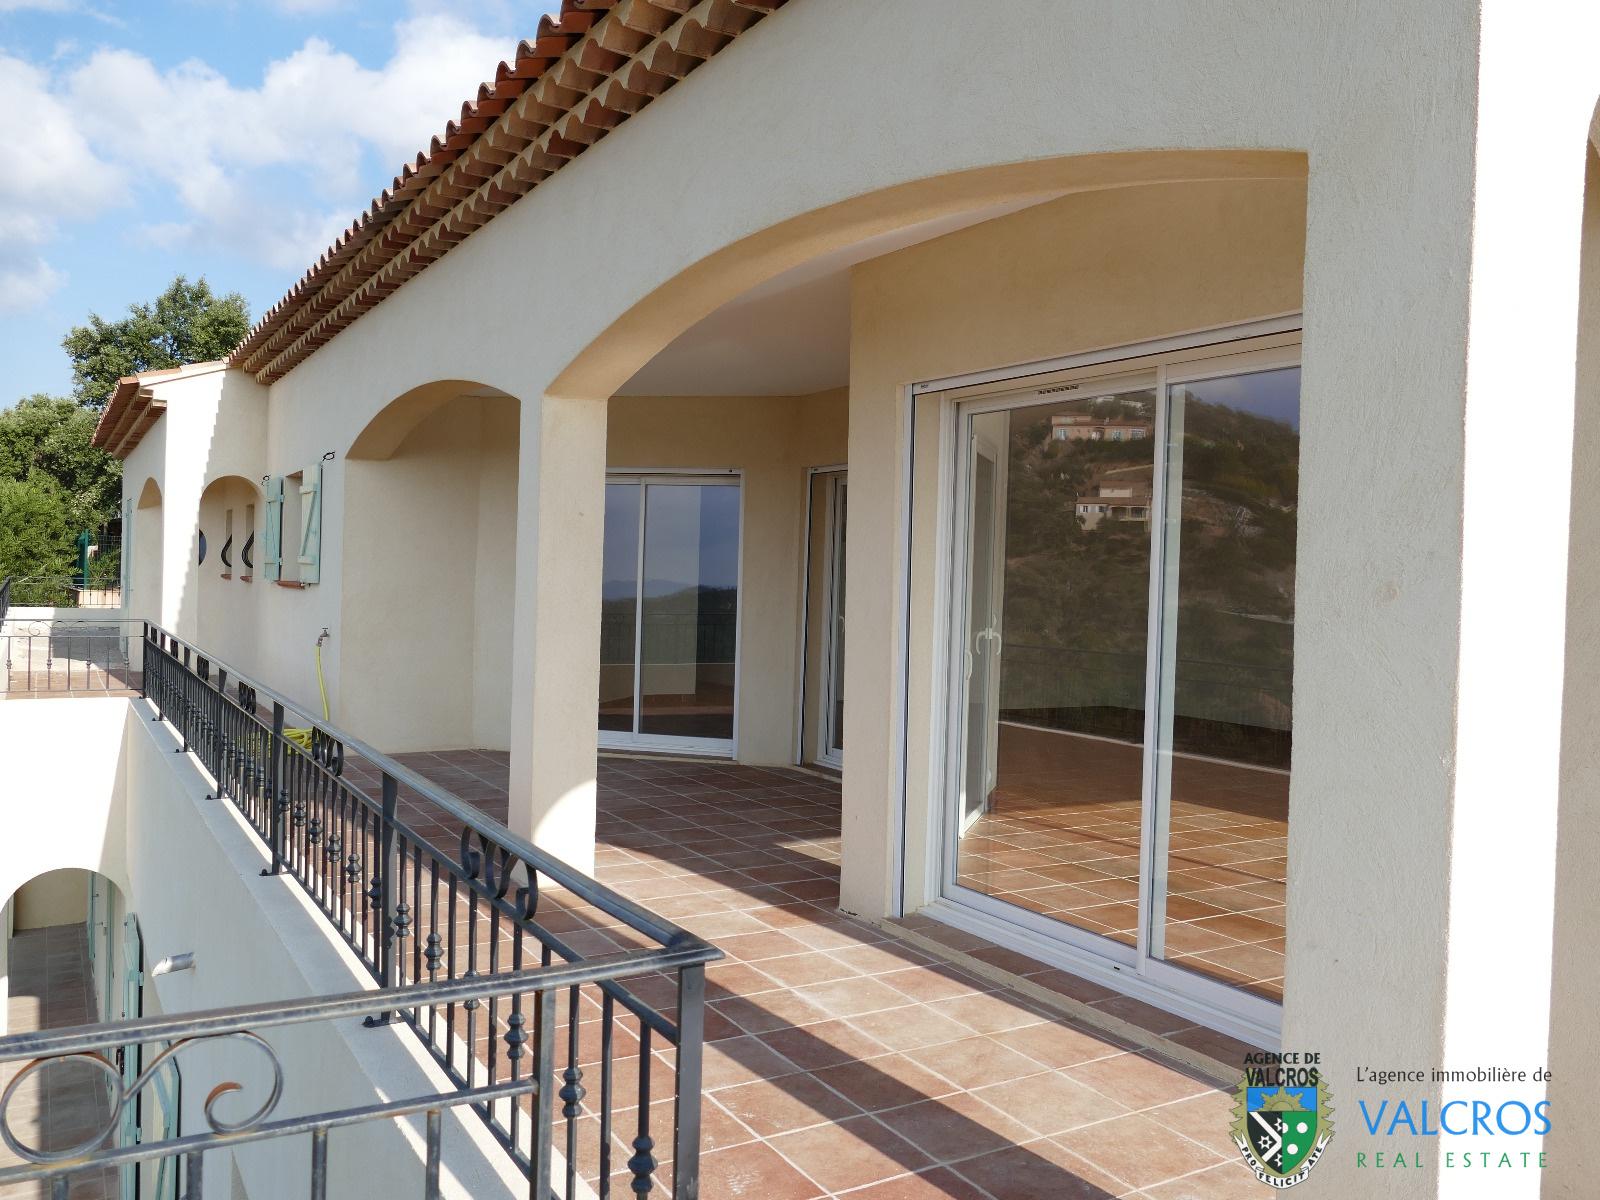 vente vente villa neuve t6 vue mer avec piscine et garage domaine de valcros la londe les. Black Bedroom Furniture Sets. Home Design Ideas